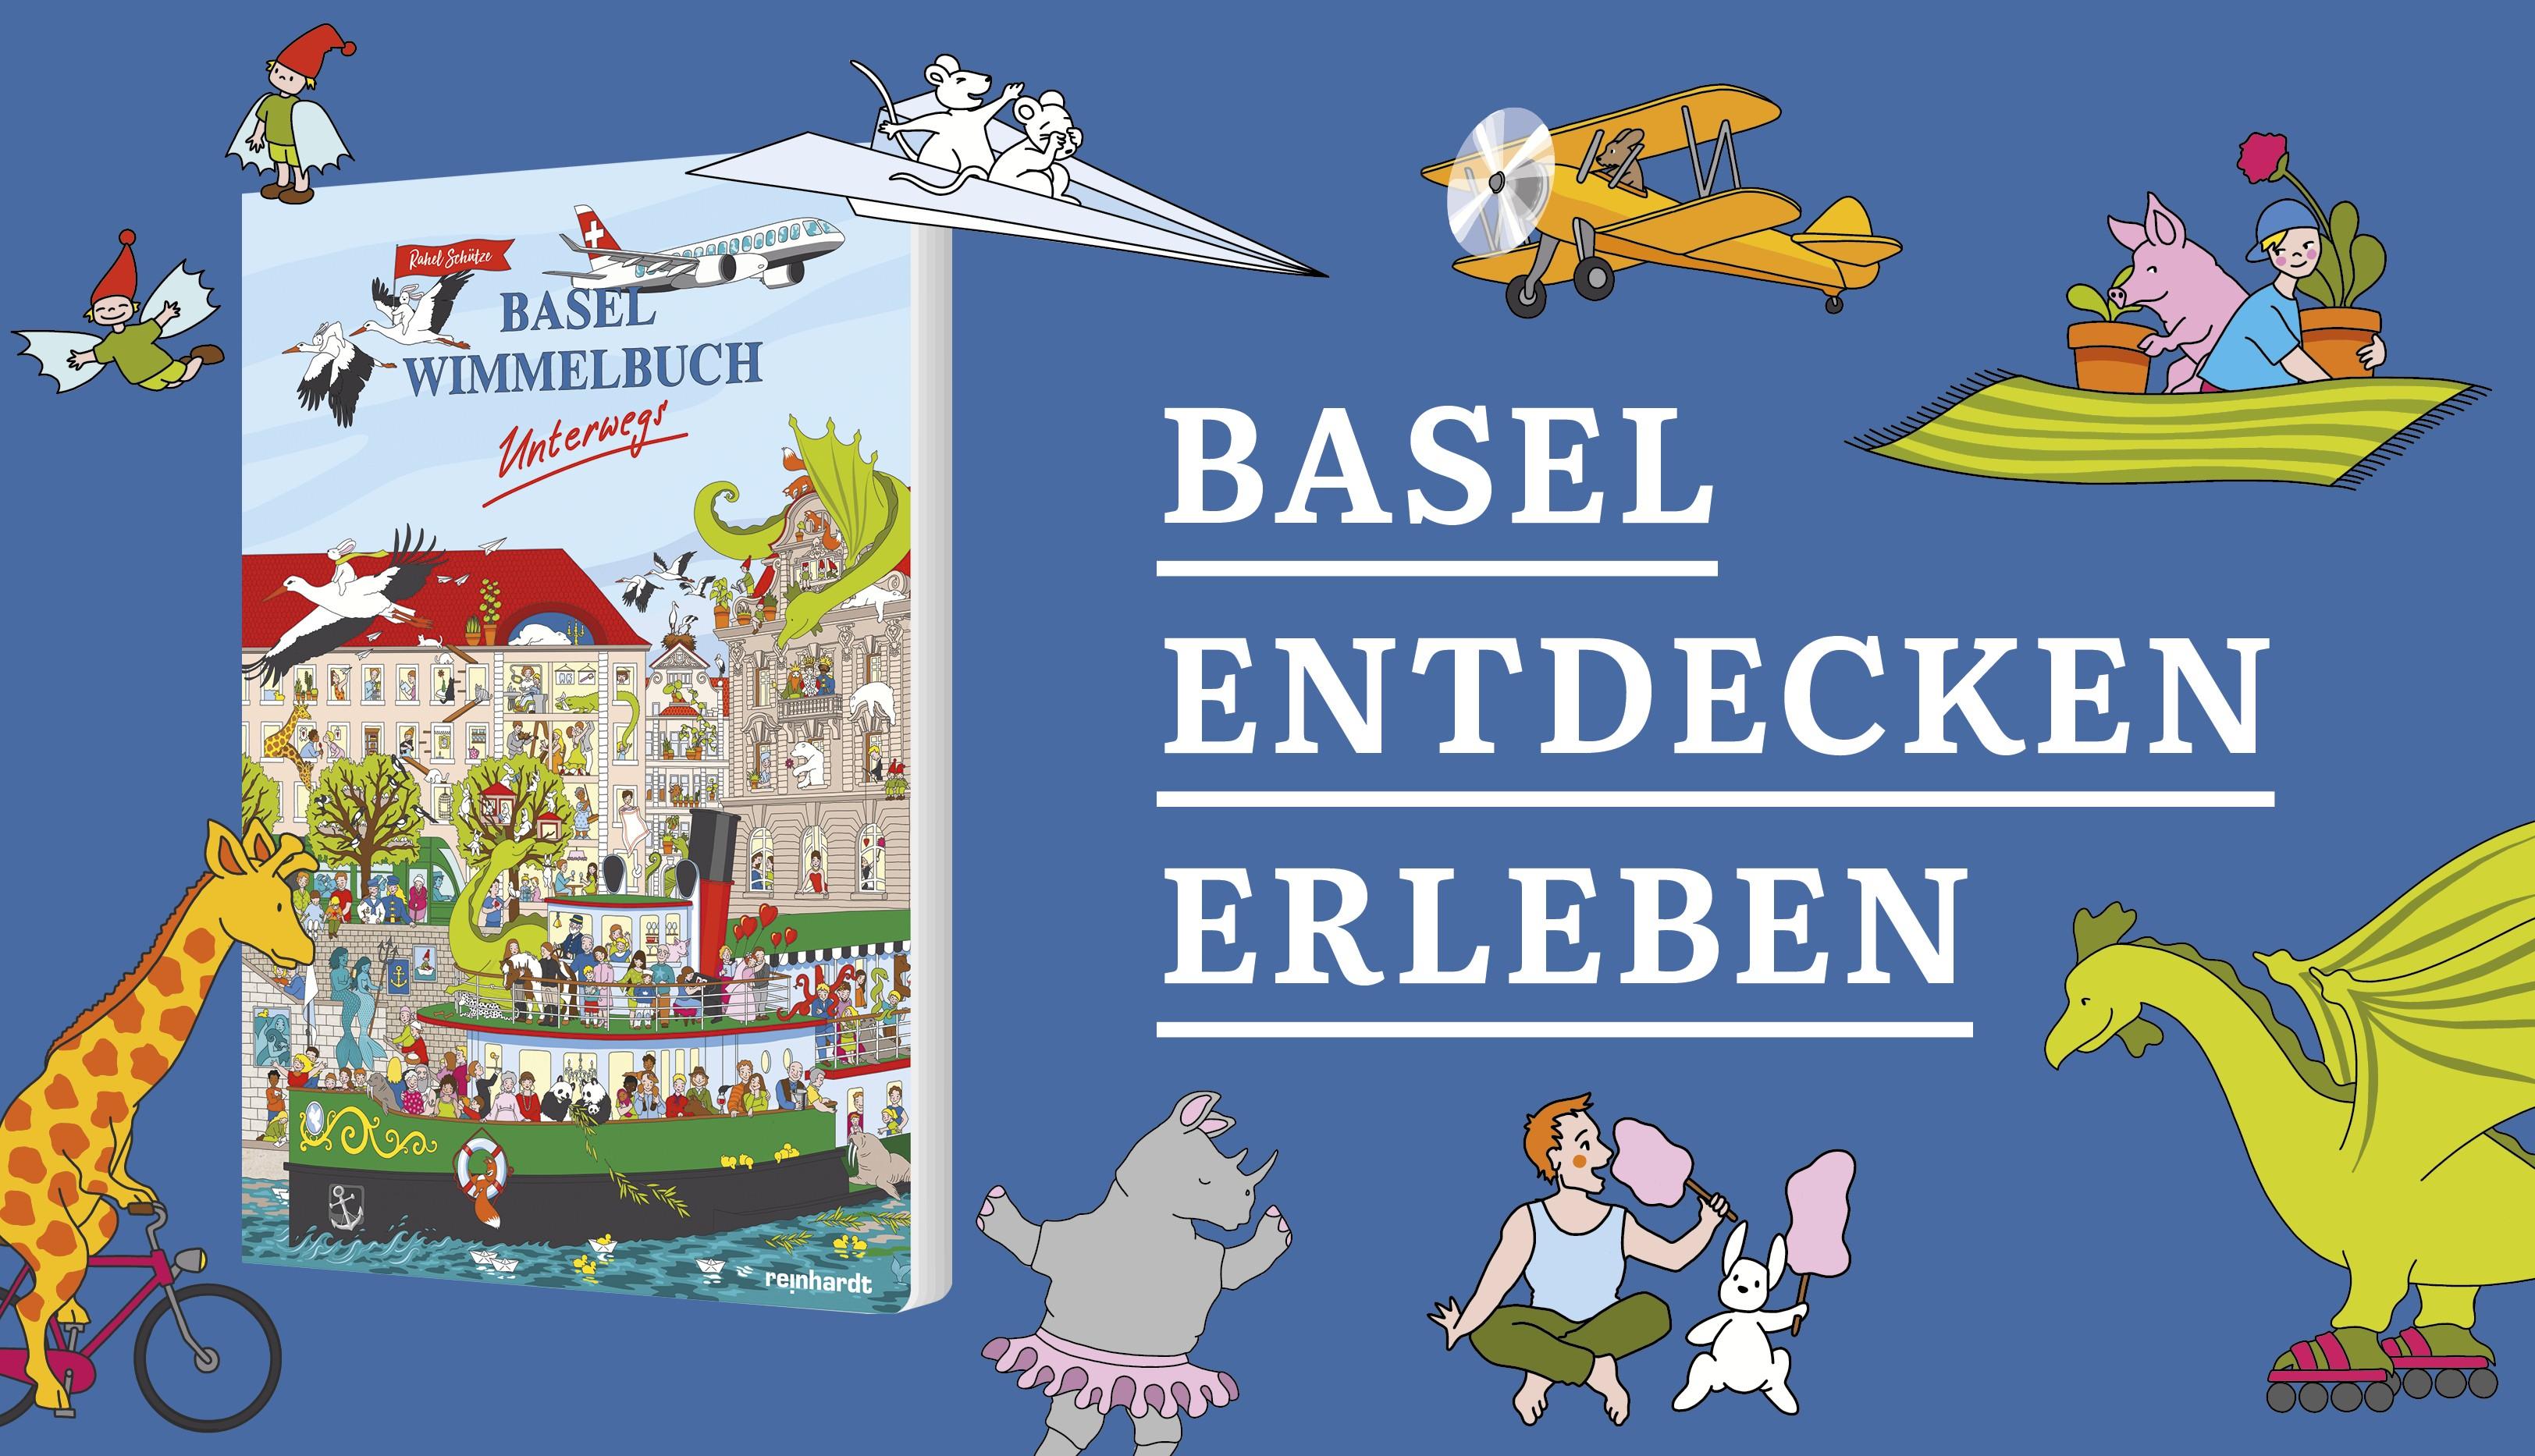 Basel Wimmelbuch